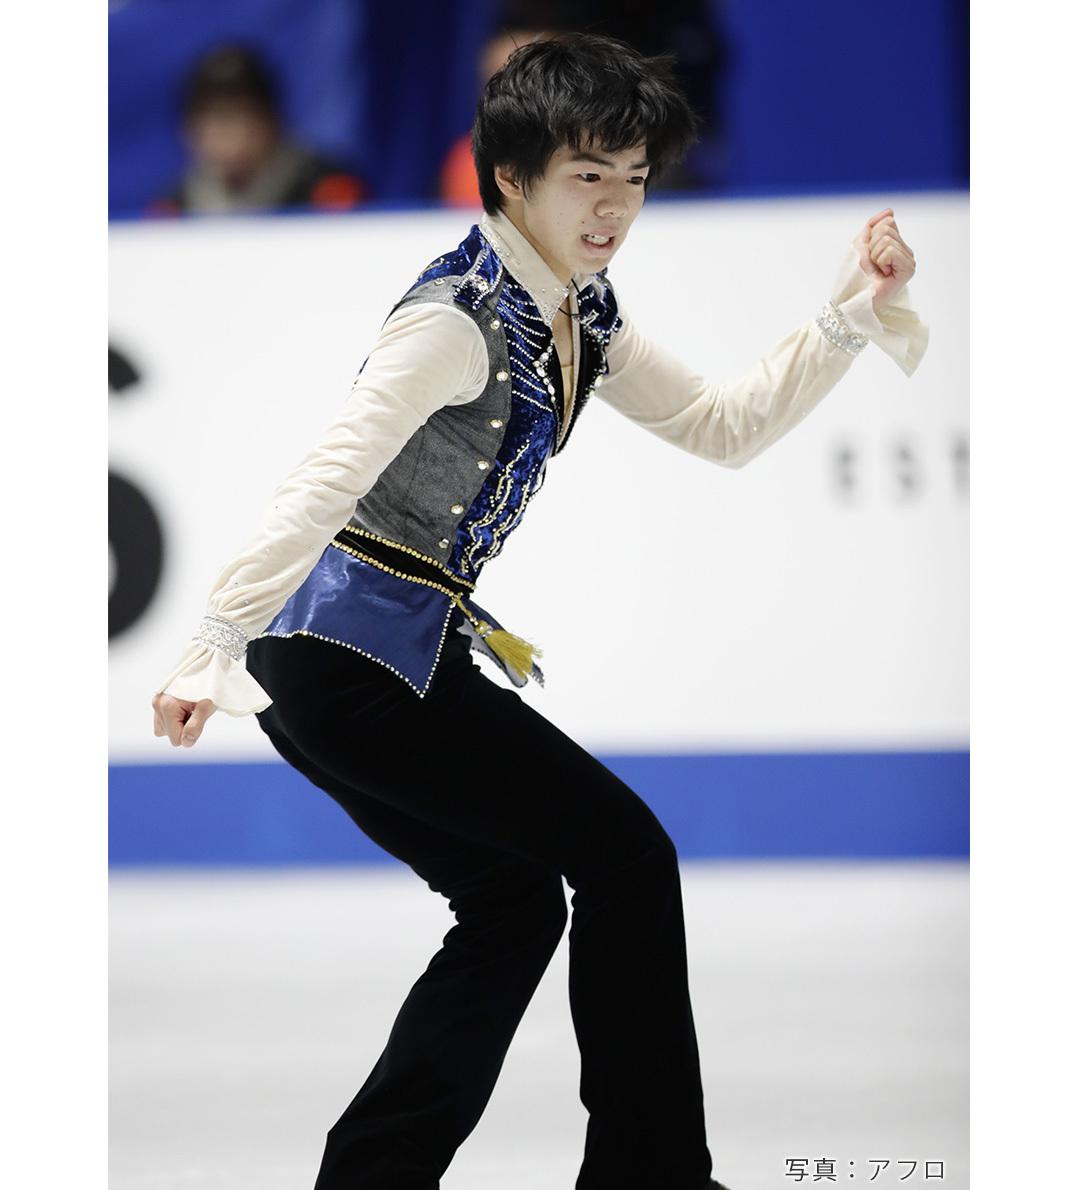 フィギュアスケート男子シングル佐藤駿選手のロミオとジュリエット